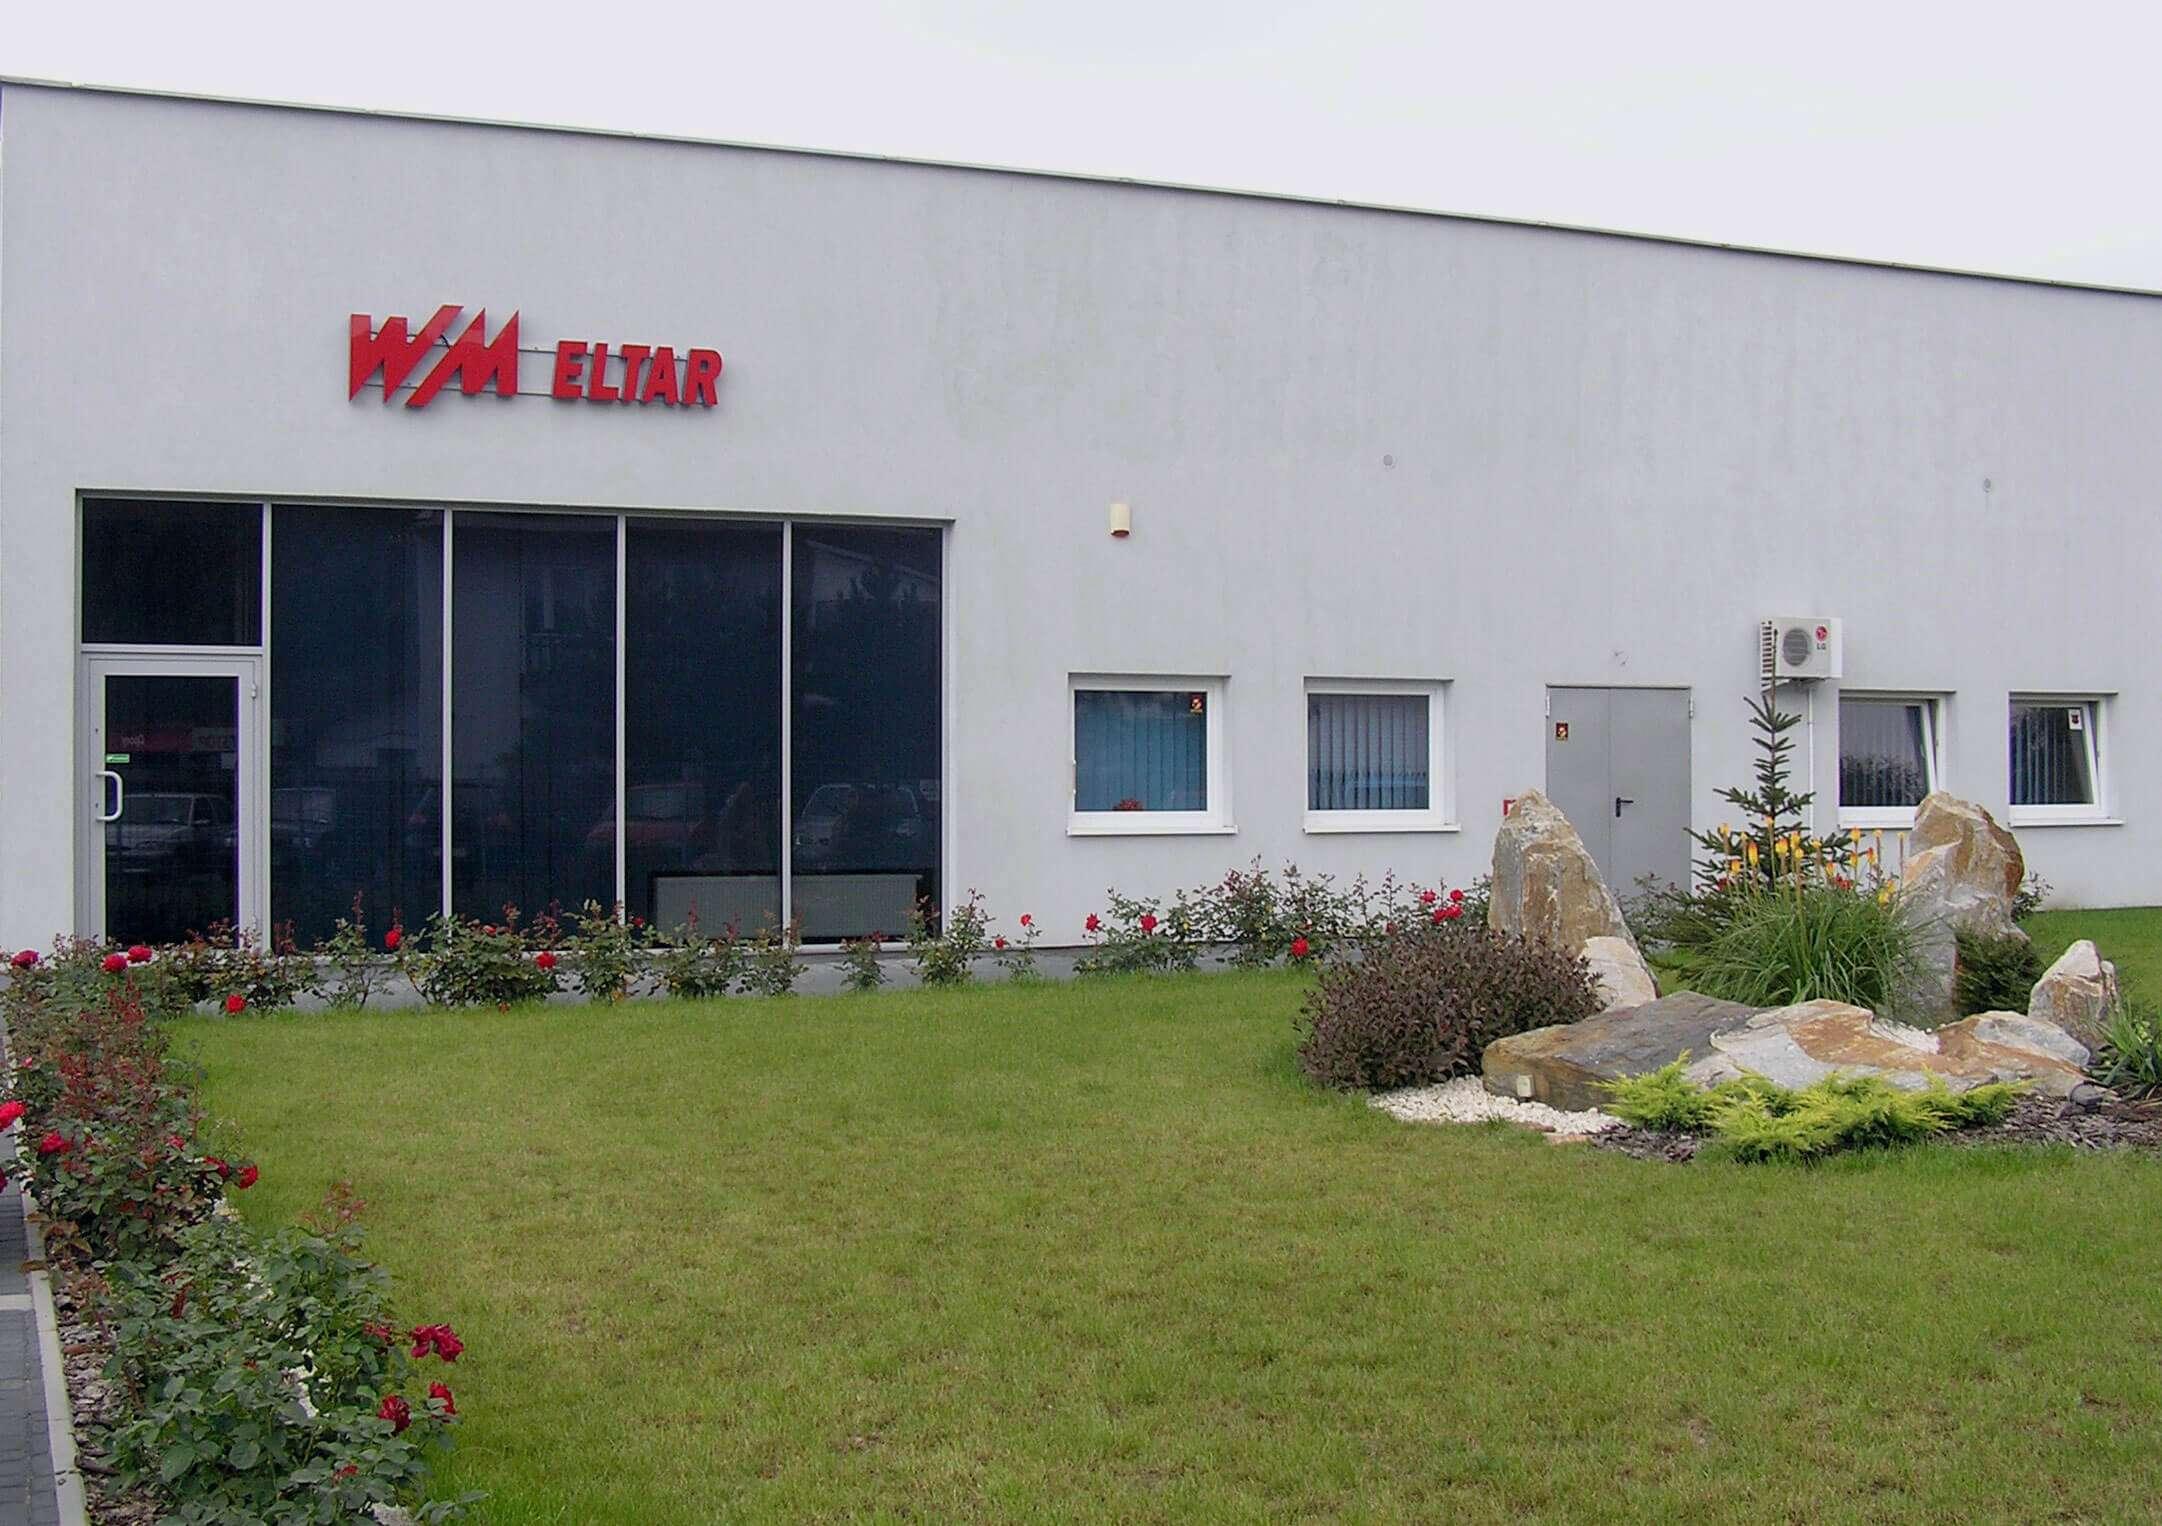 Bydynek siedziby firmy WM Eltar